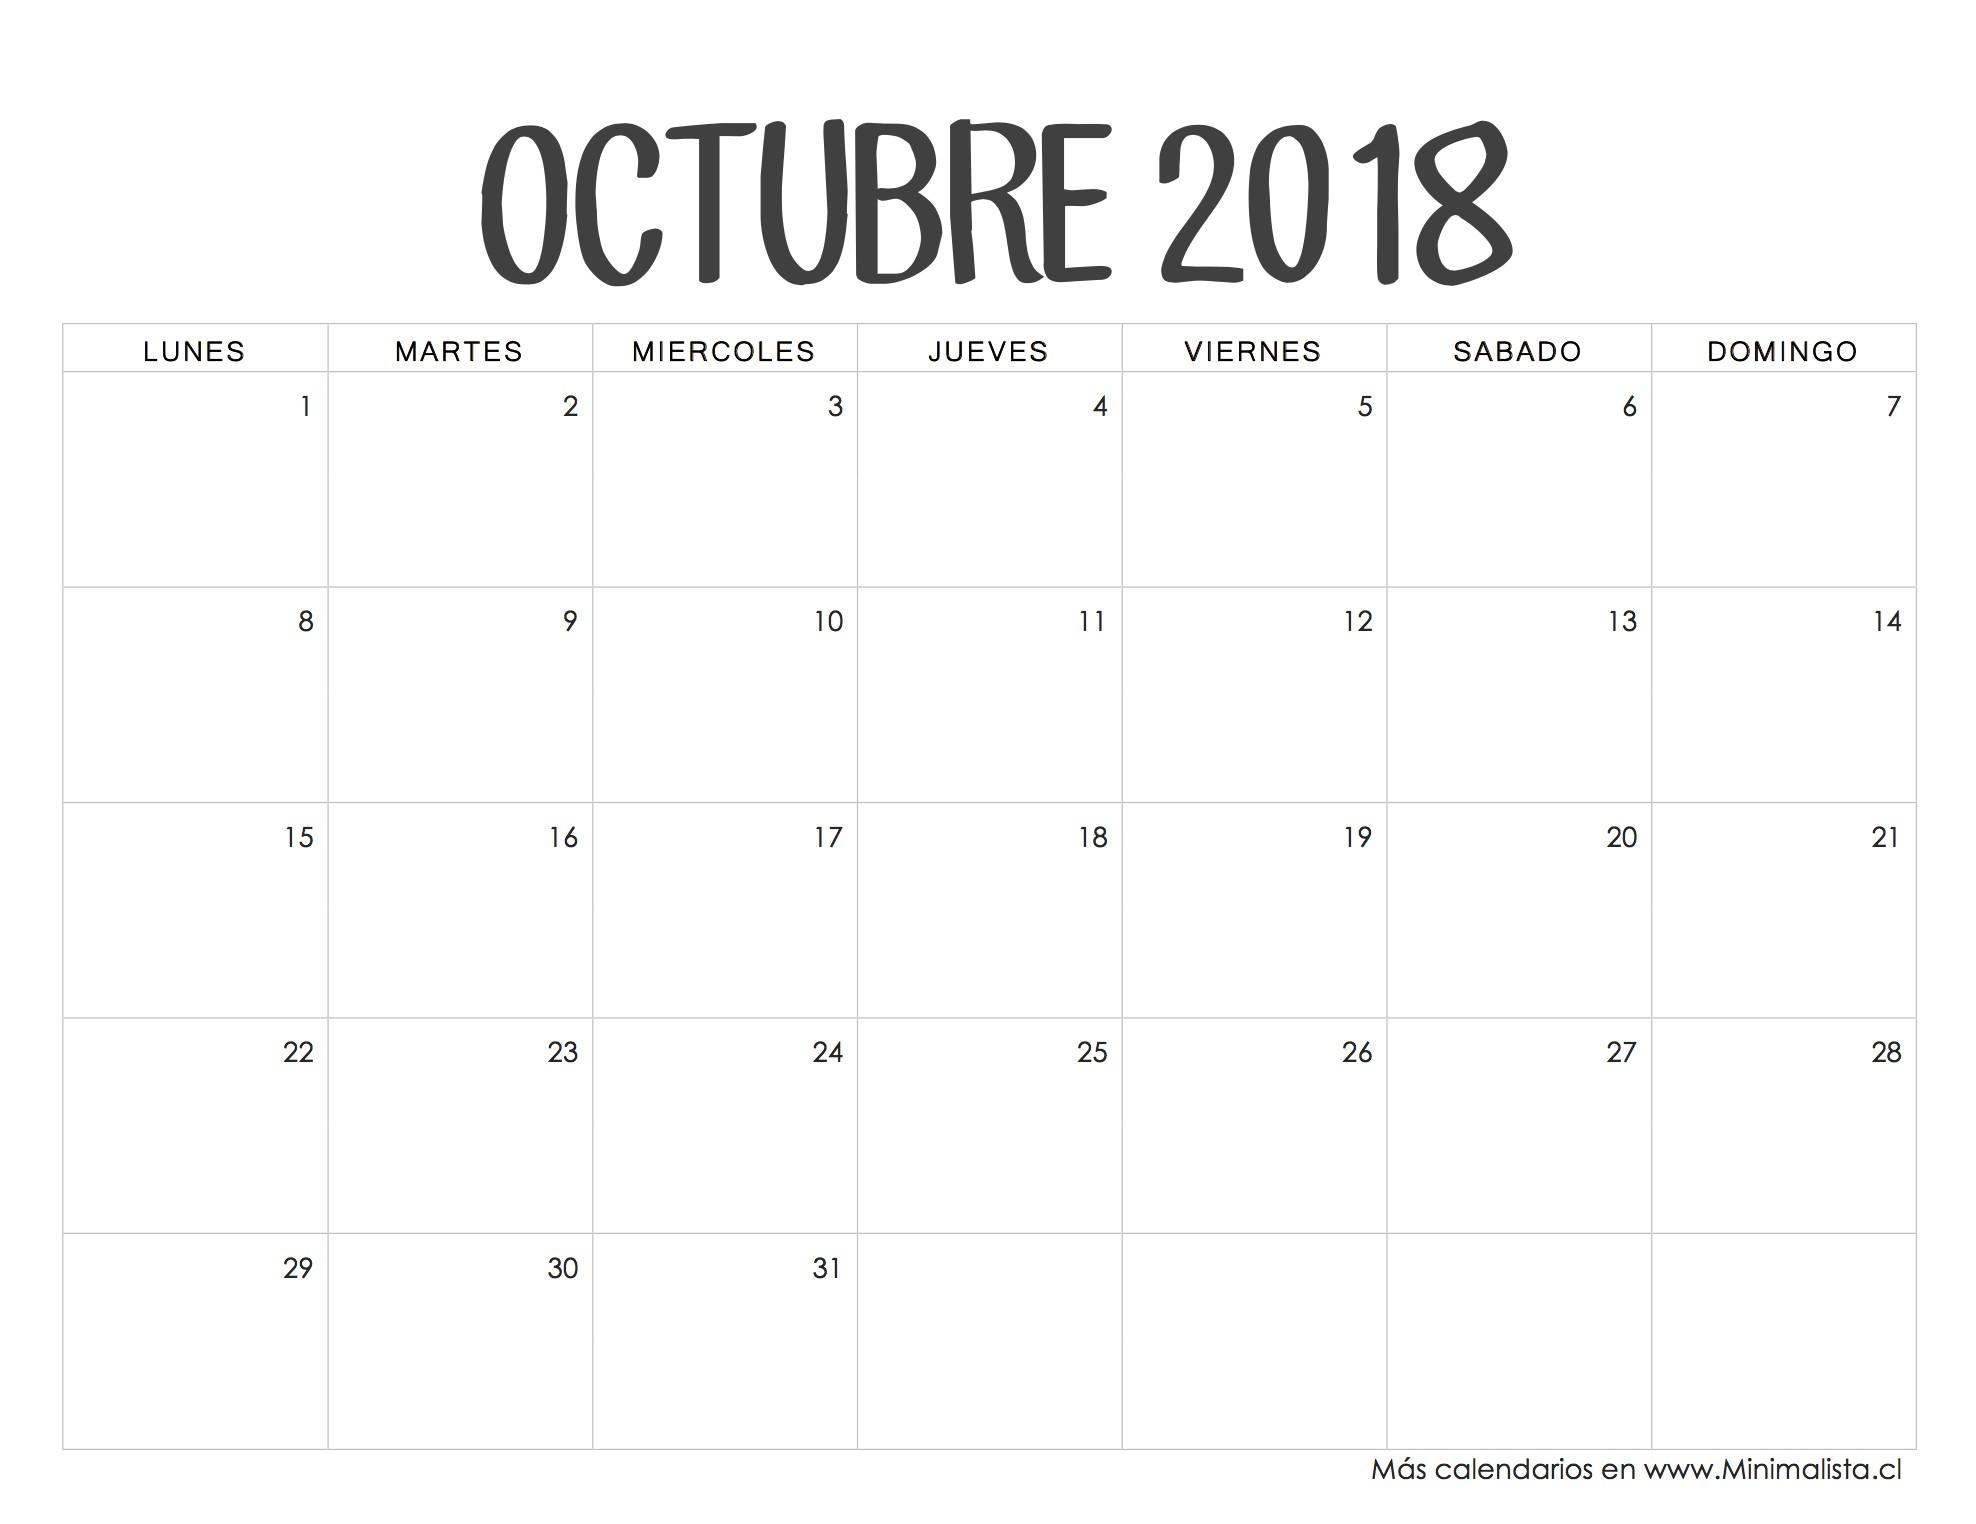 Calendario Octubre 2019 Per Imprimir Más Actual Calendario Octubre 2018 organizarme Of Calendario Octubre 2019 Per Imprimir Más Populares Imserso Instituto De Mayores Y Servicios sociales Octubre